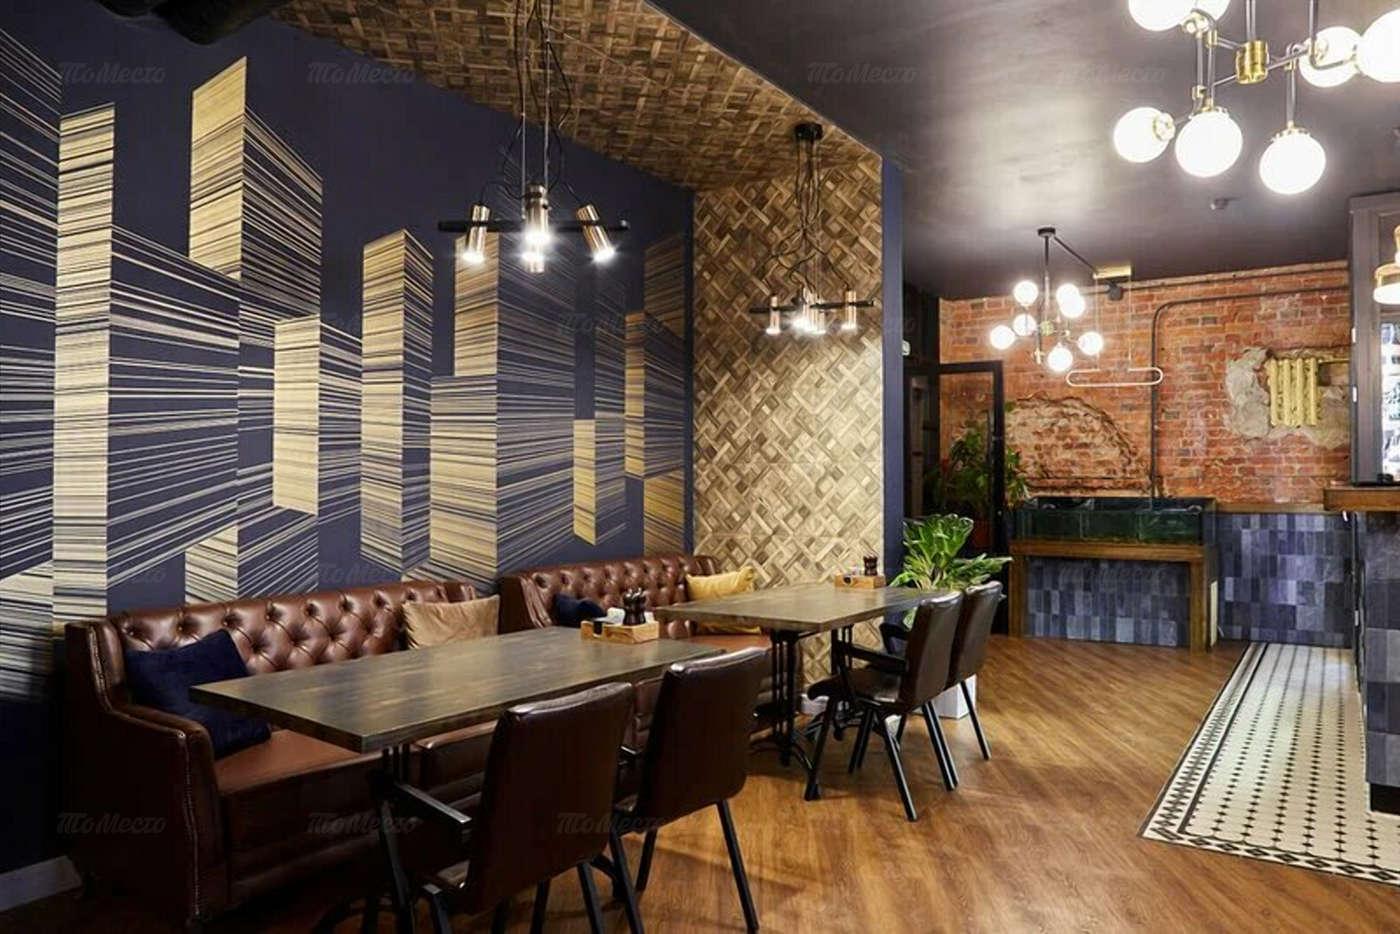 Ресторан Space Owl (Космо Сова) на Большой Полянке фото 2